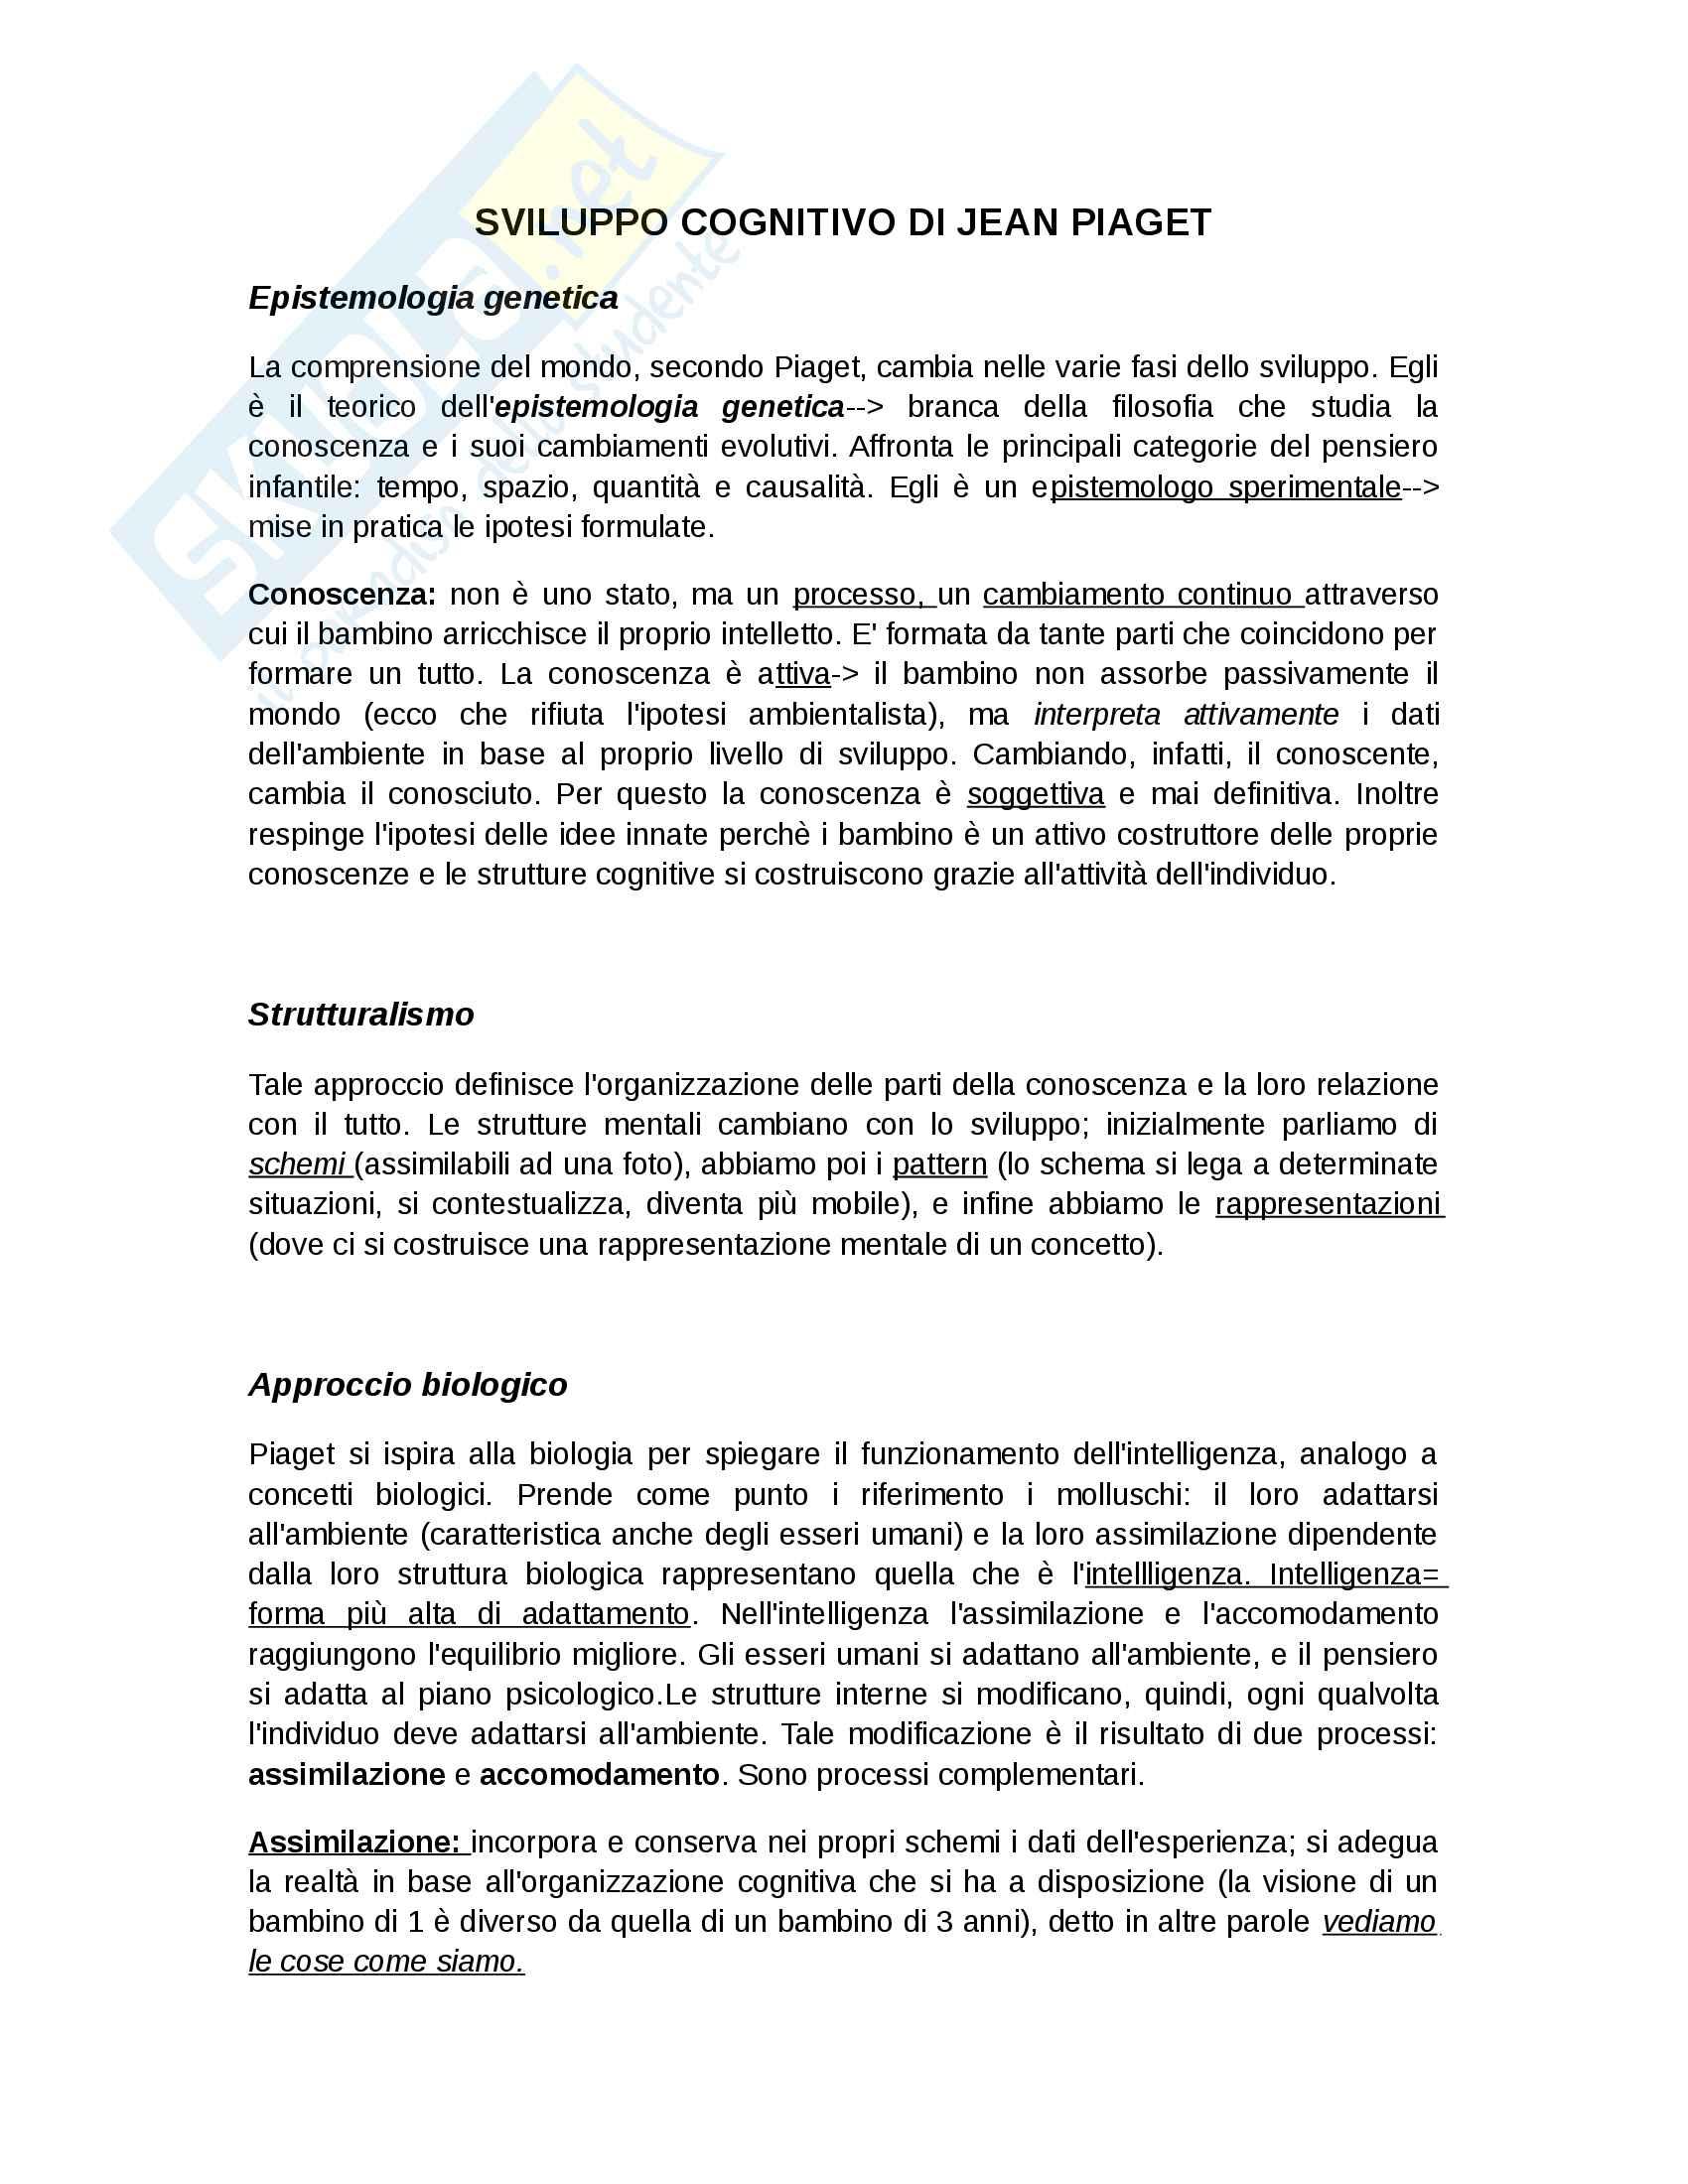 Piaget - Psicologia dello sviluppo